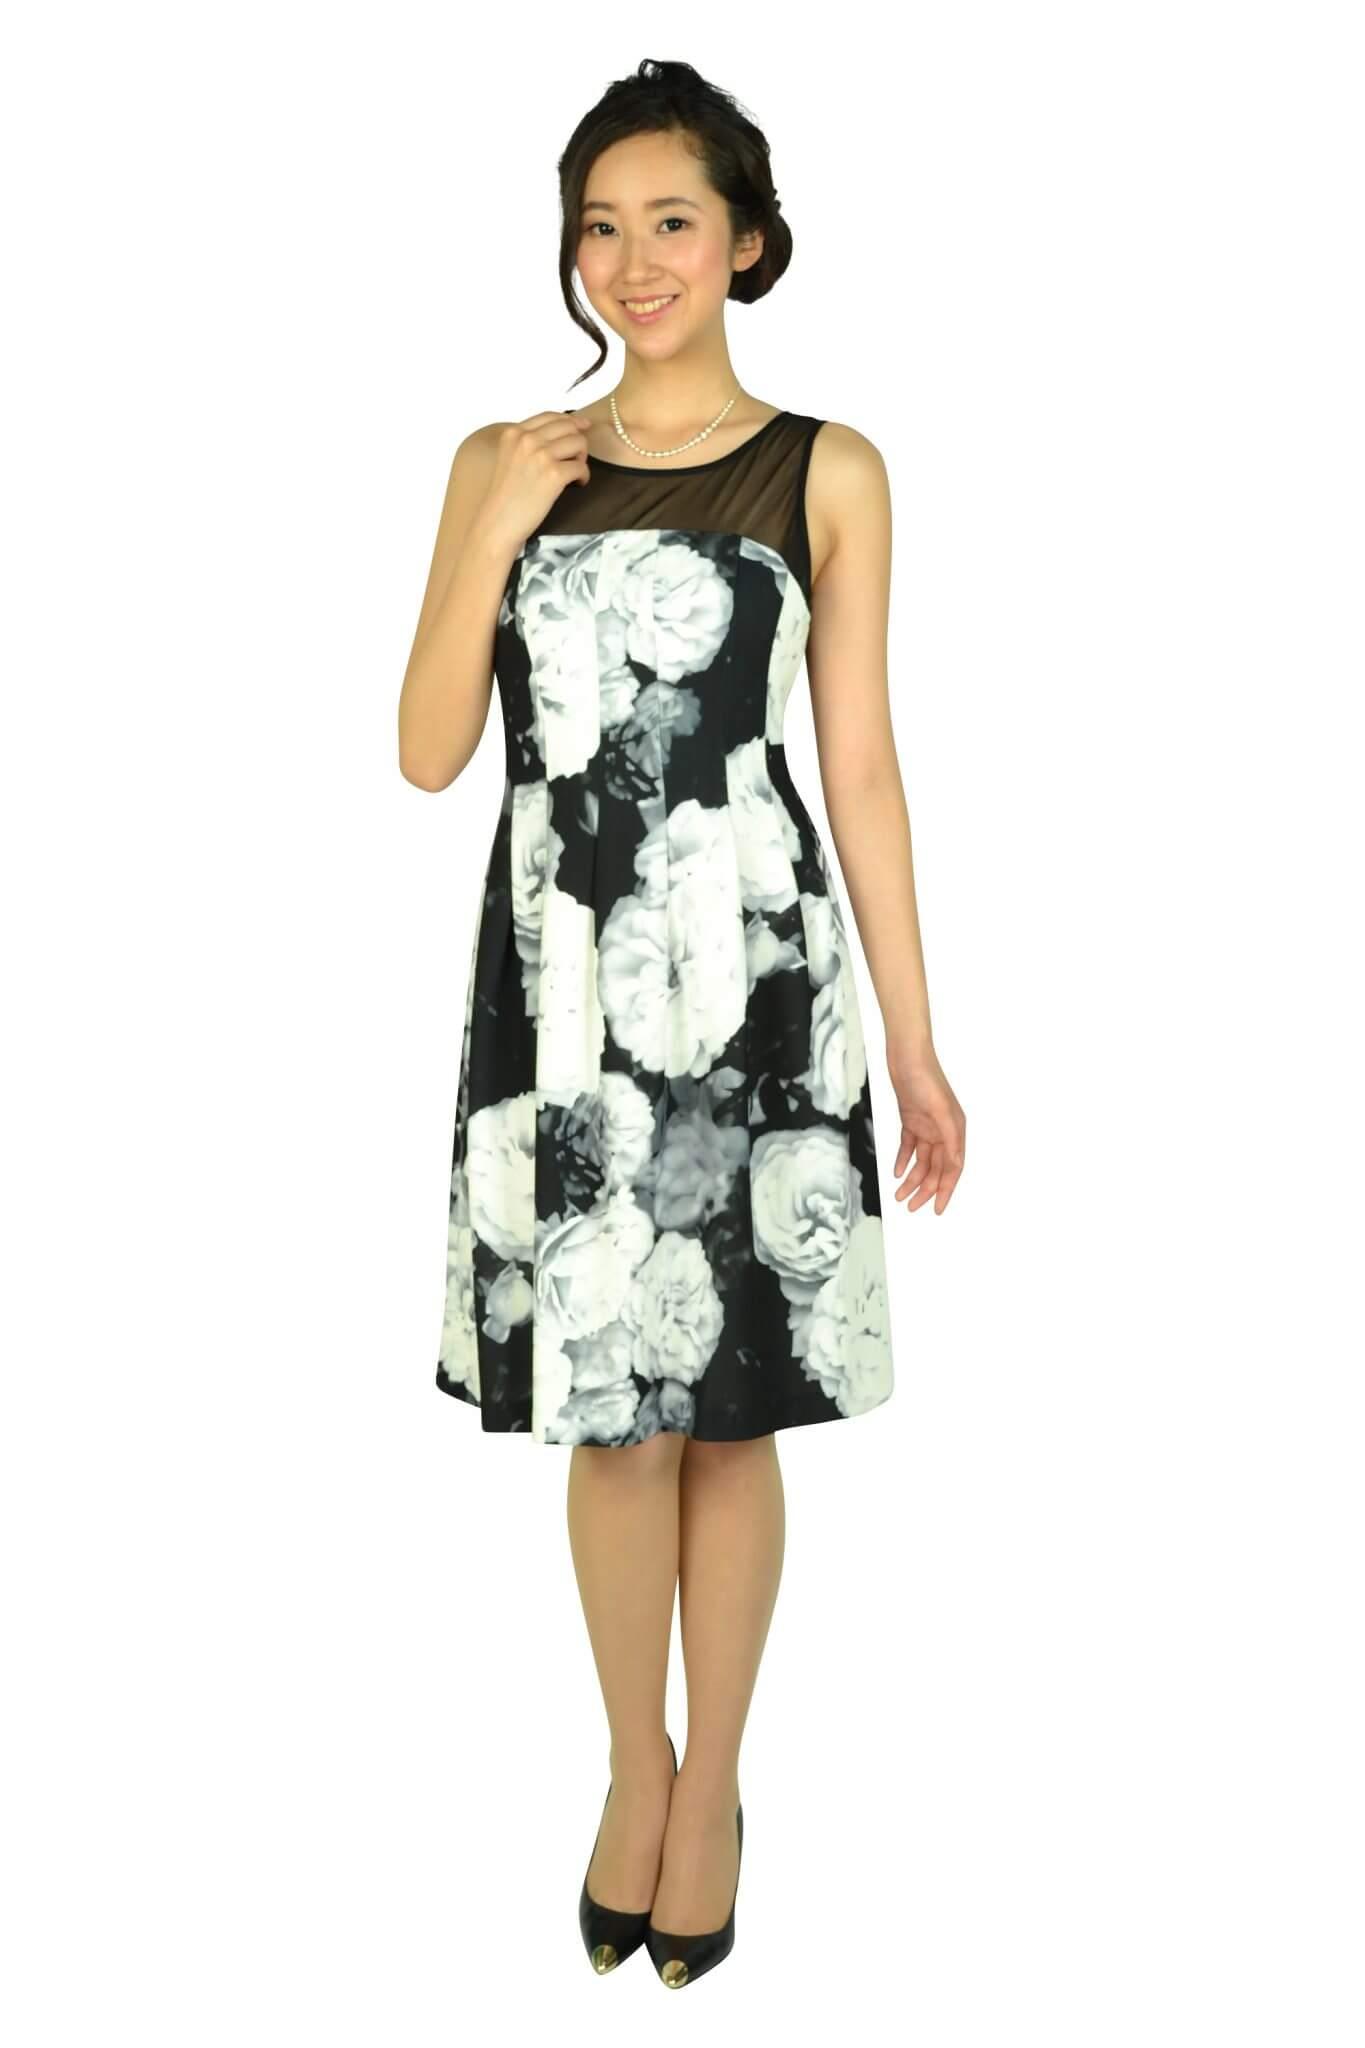 カルバンクライン (Calvin Klein)エレガントフラワーブラックドレスセット